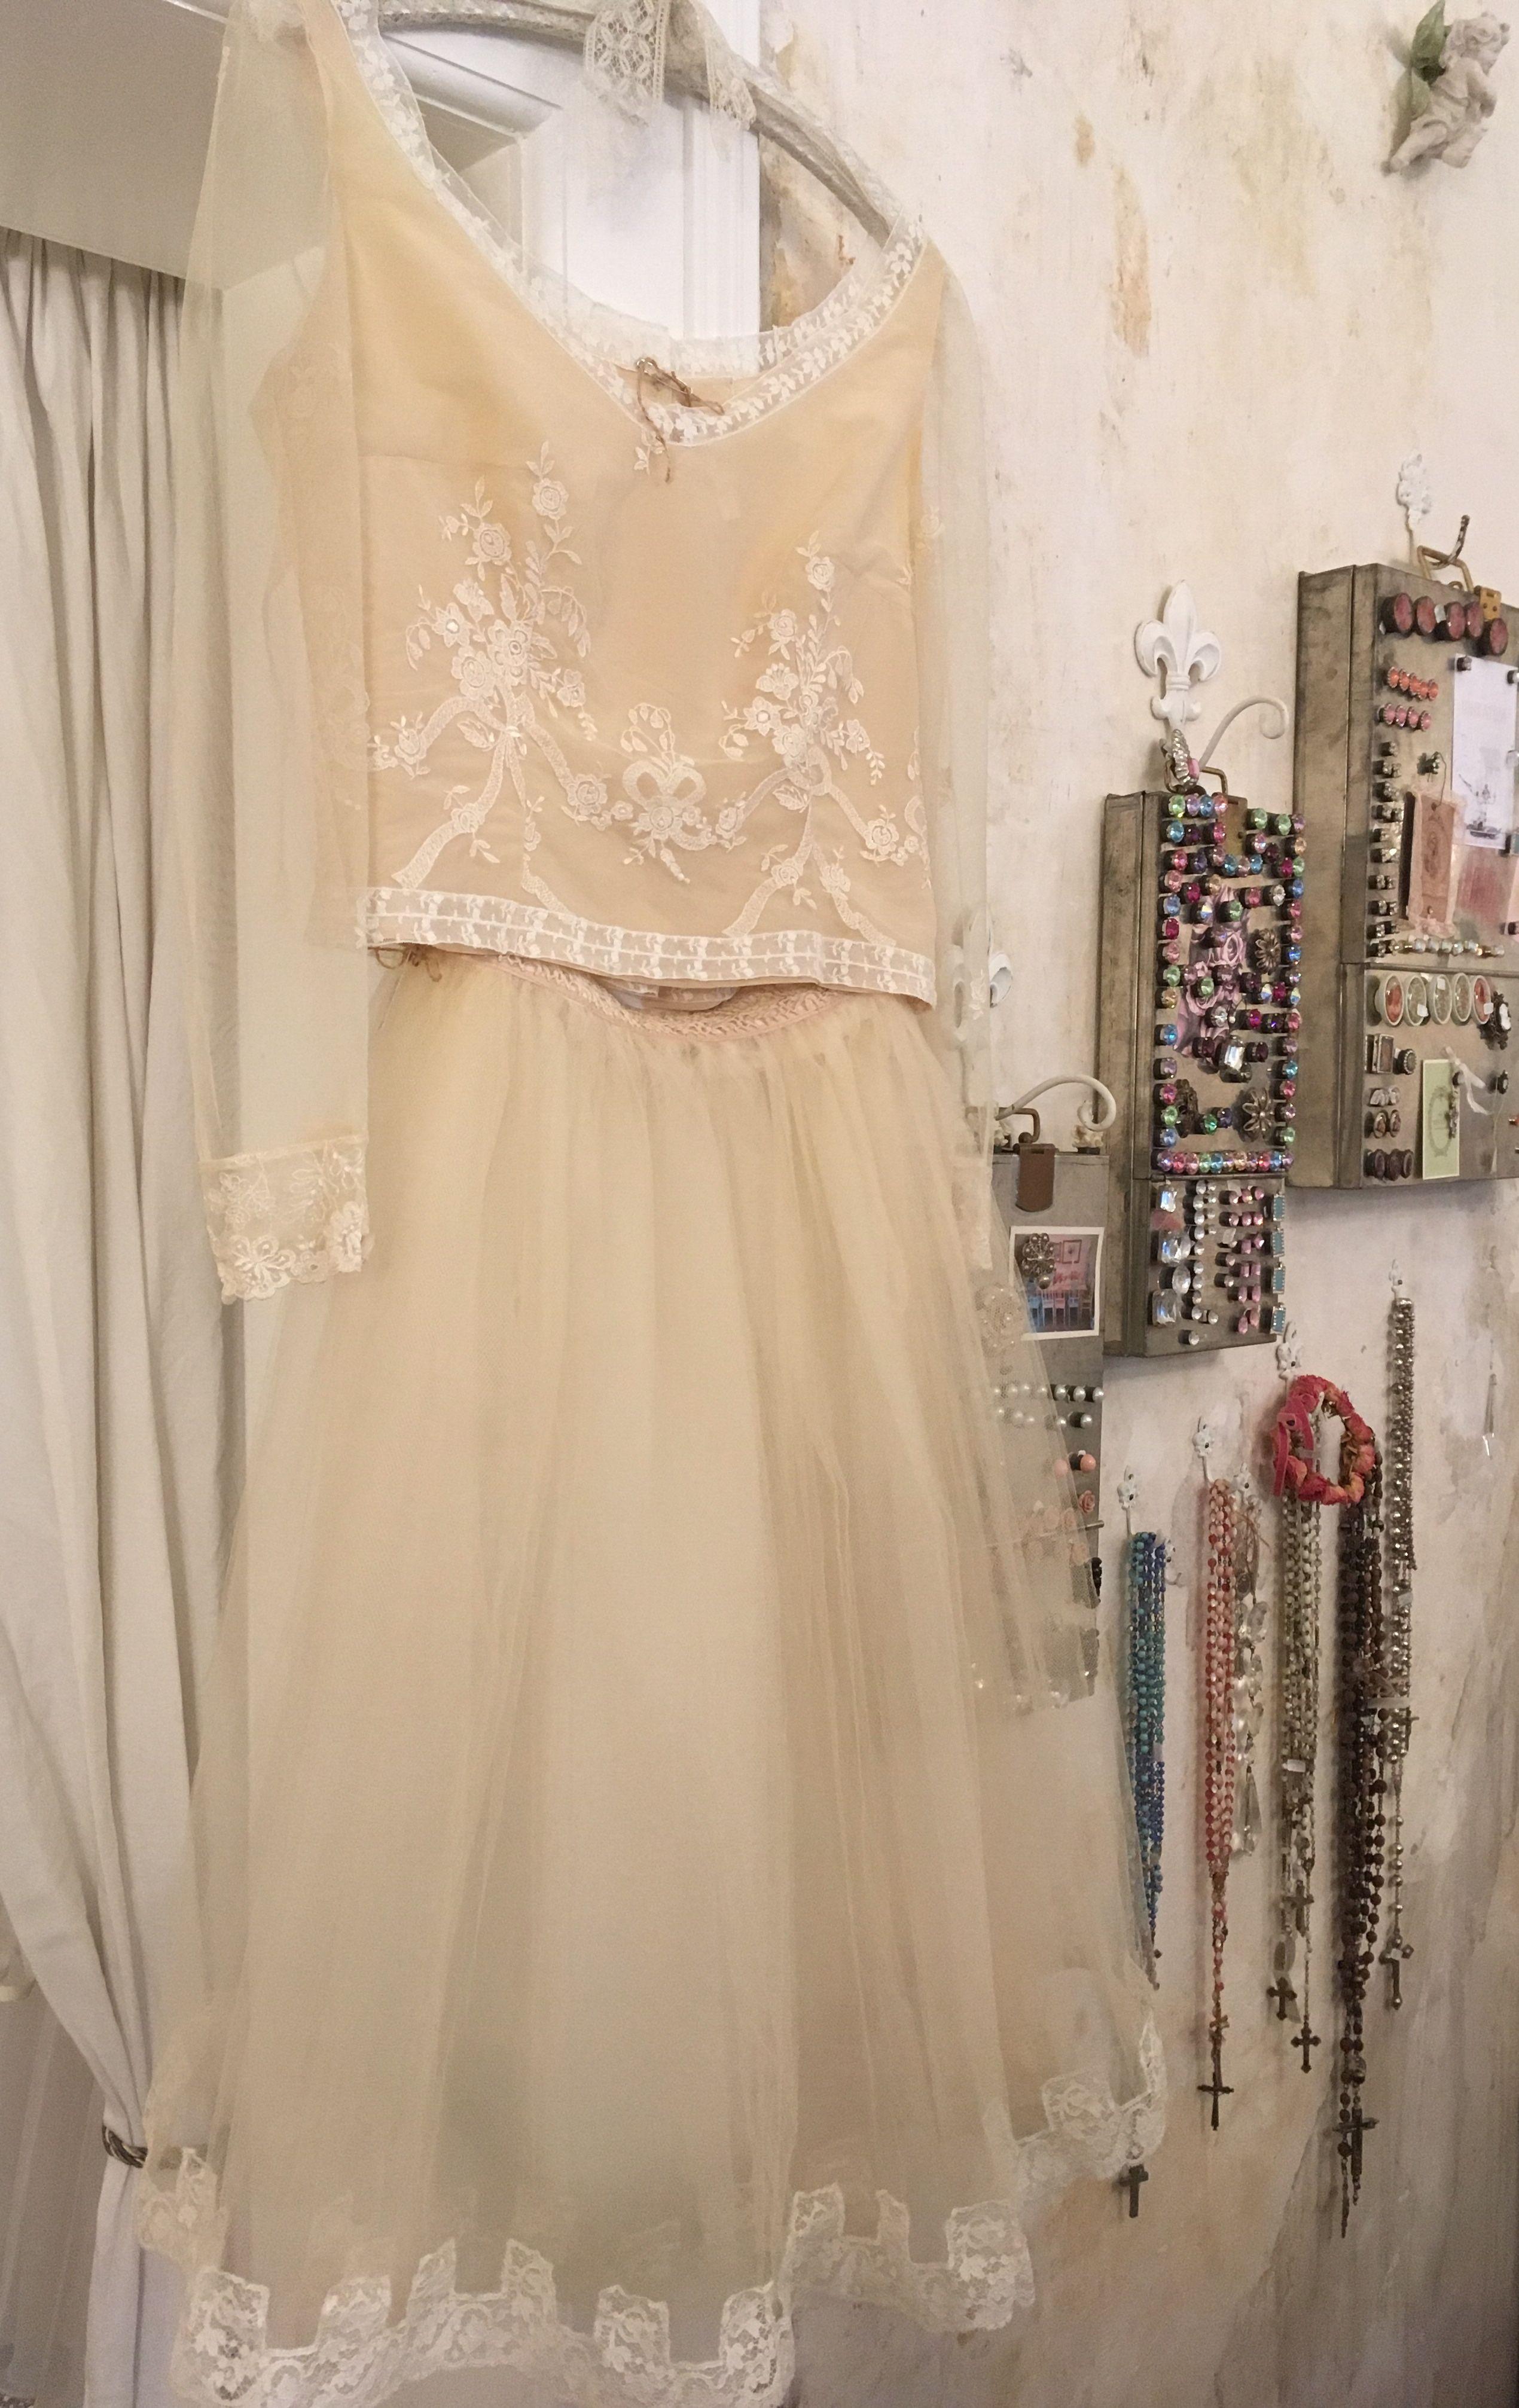 Kleider aus Vintage-Materialien bei UNIKATUM Luzern - Top und